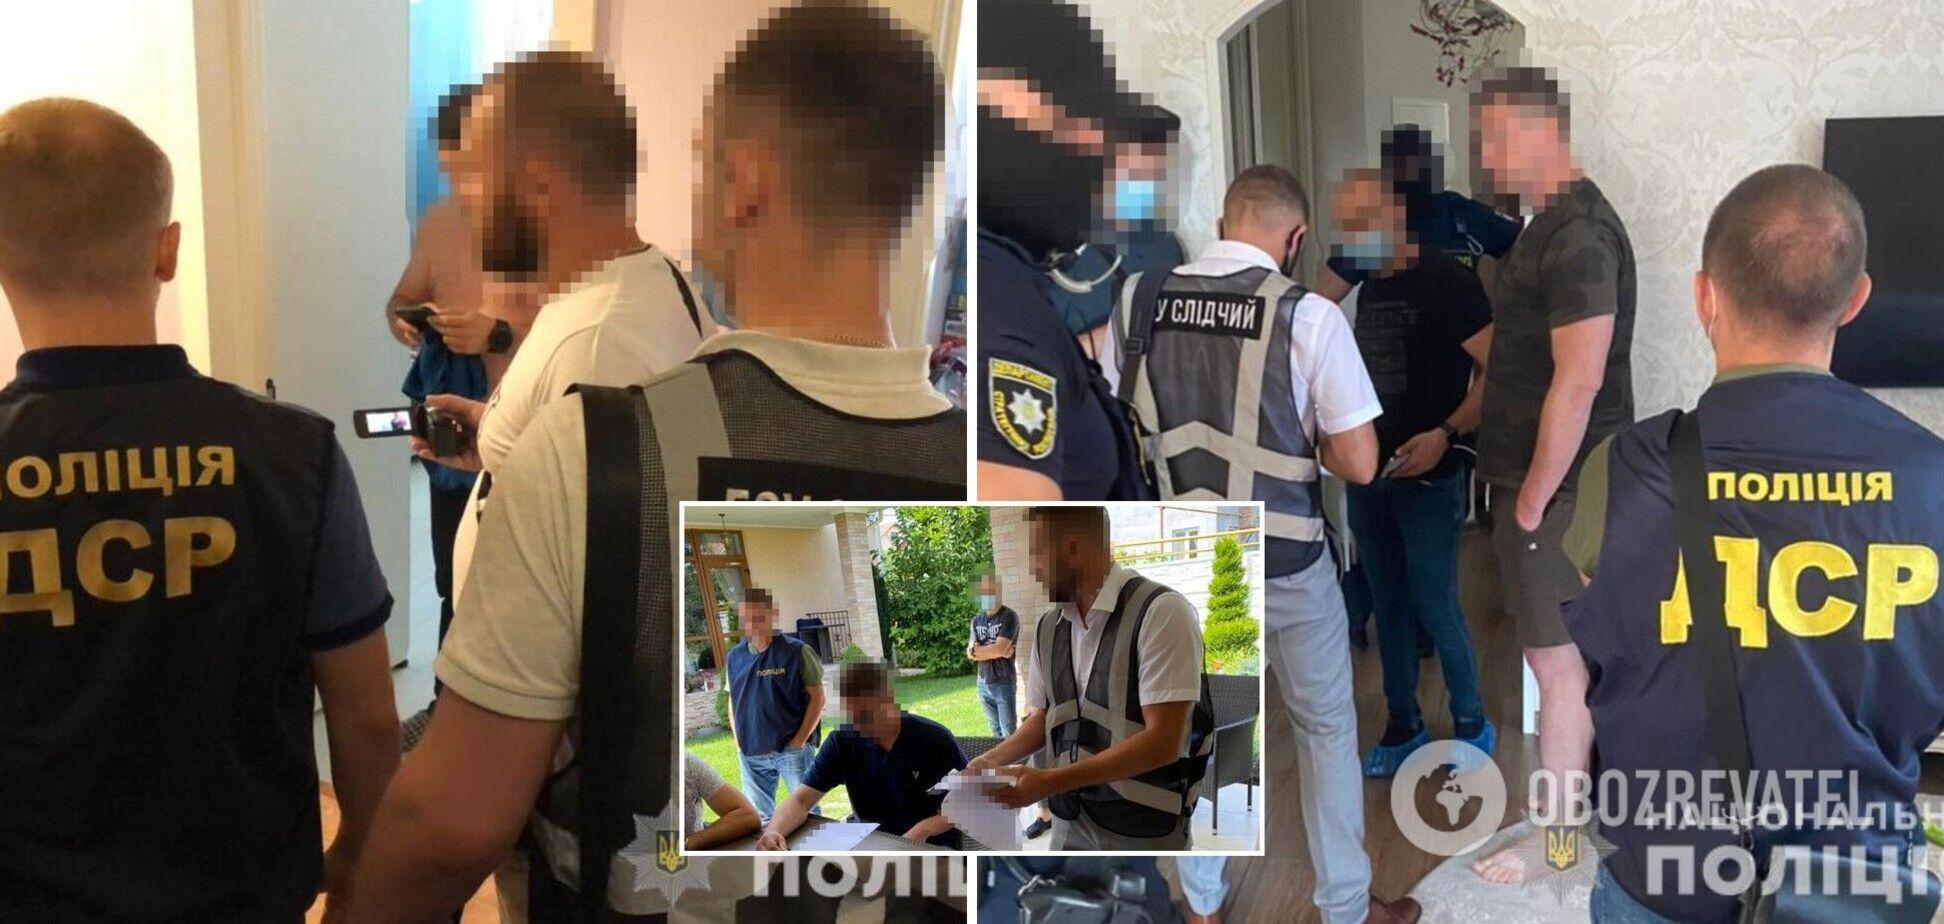 В Одесской области задержали чиновника за попытку получения взятки